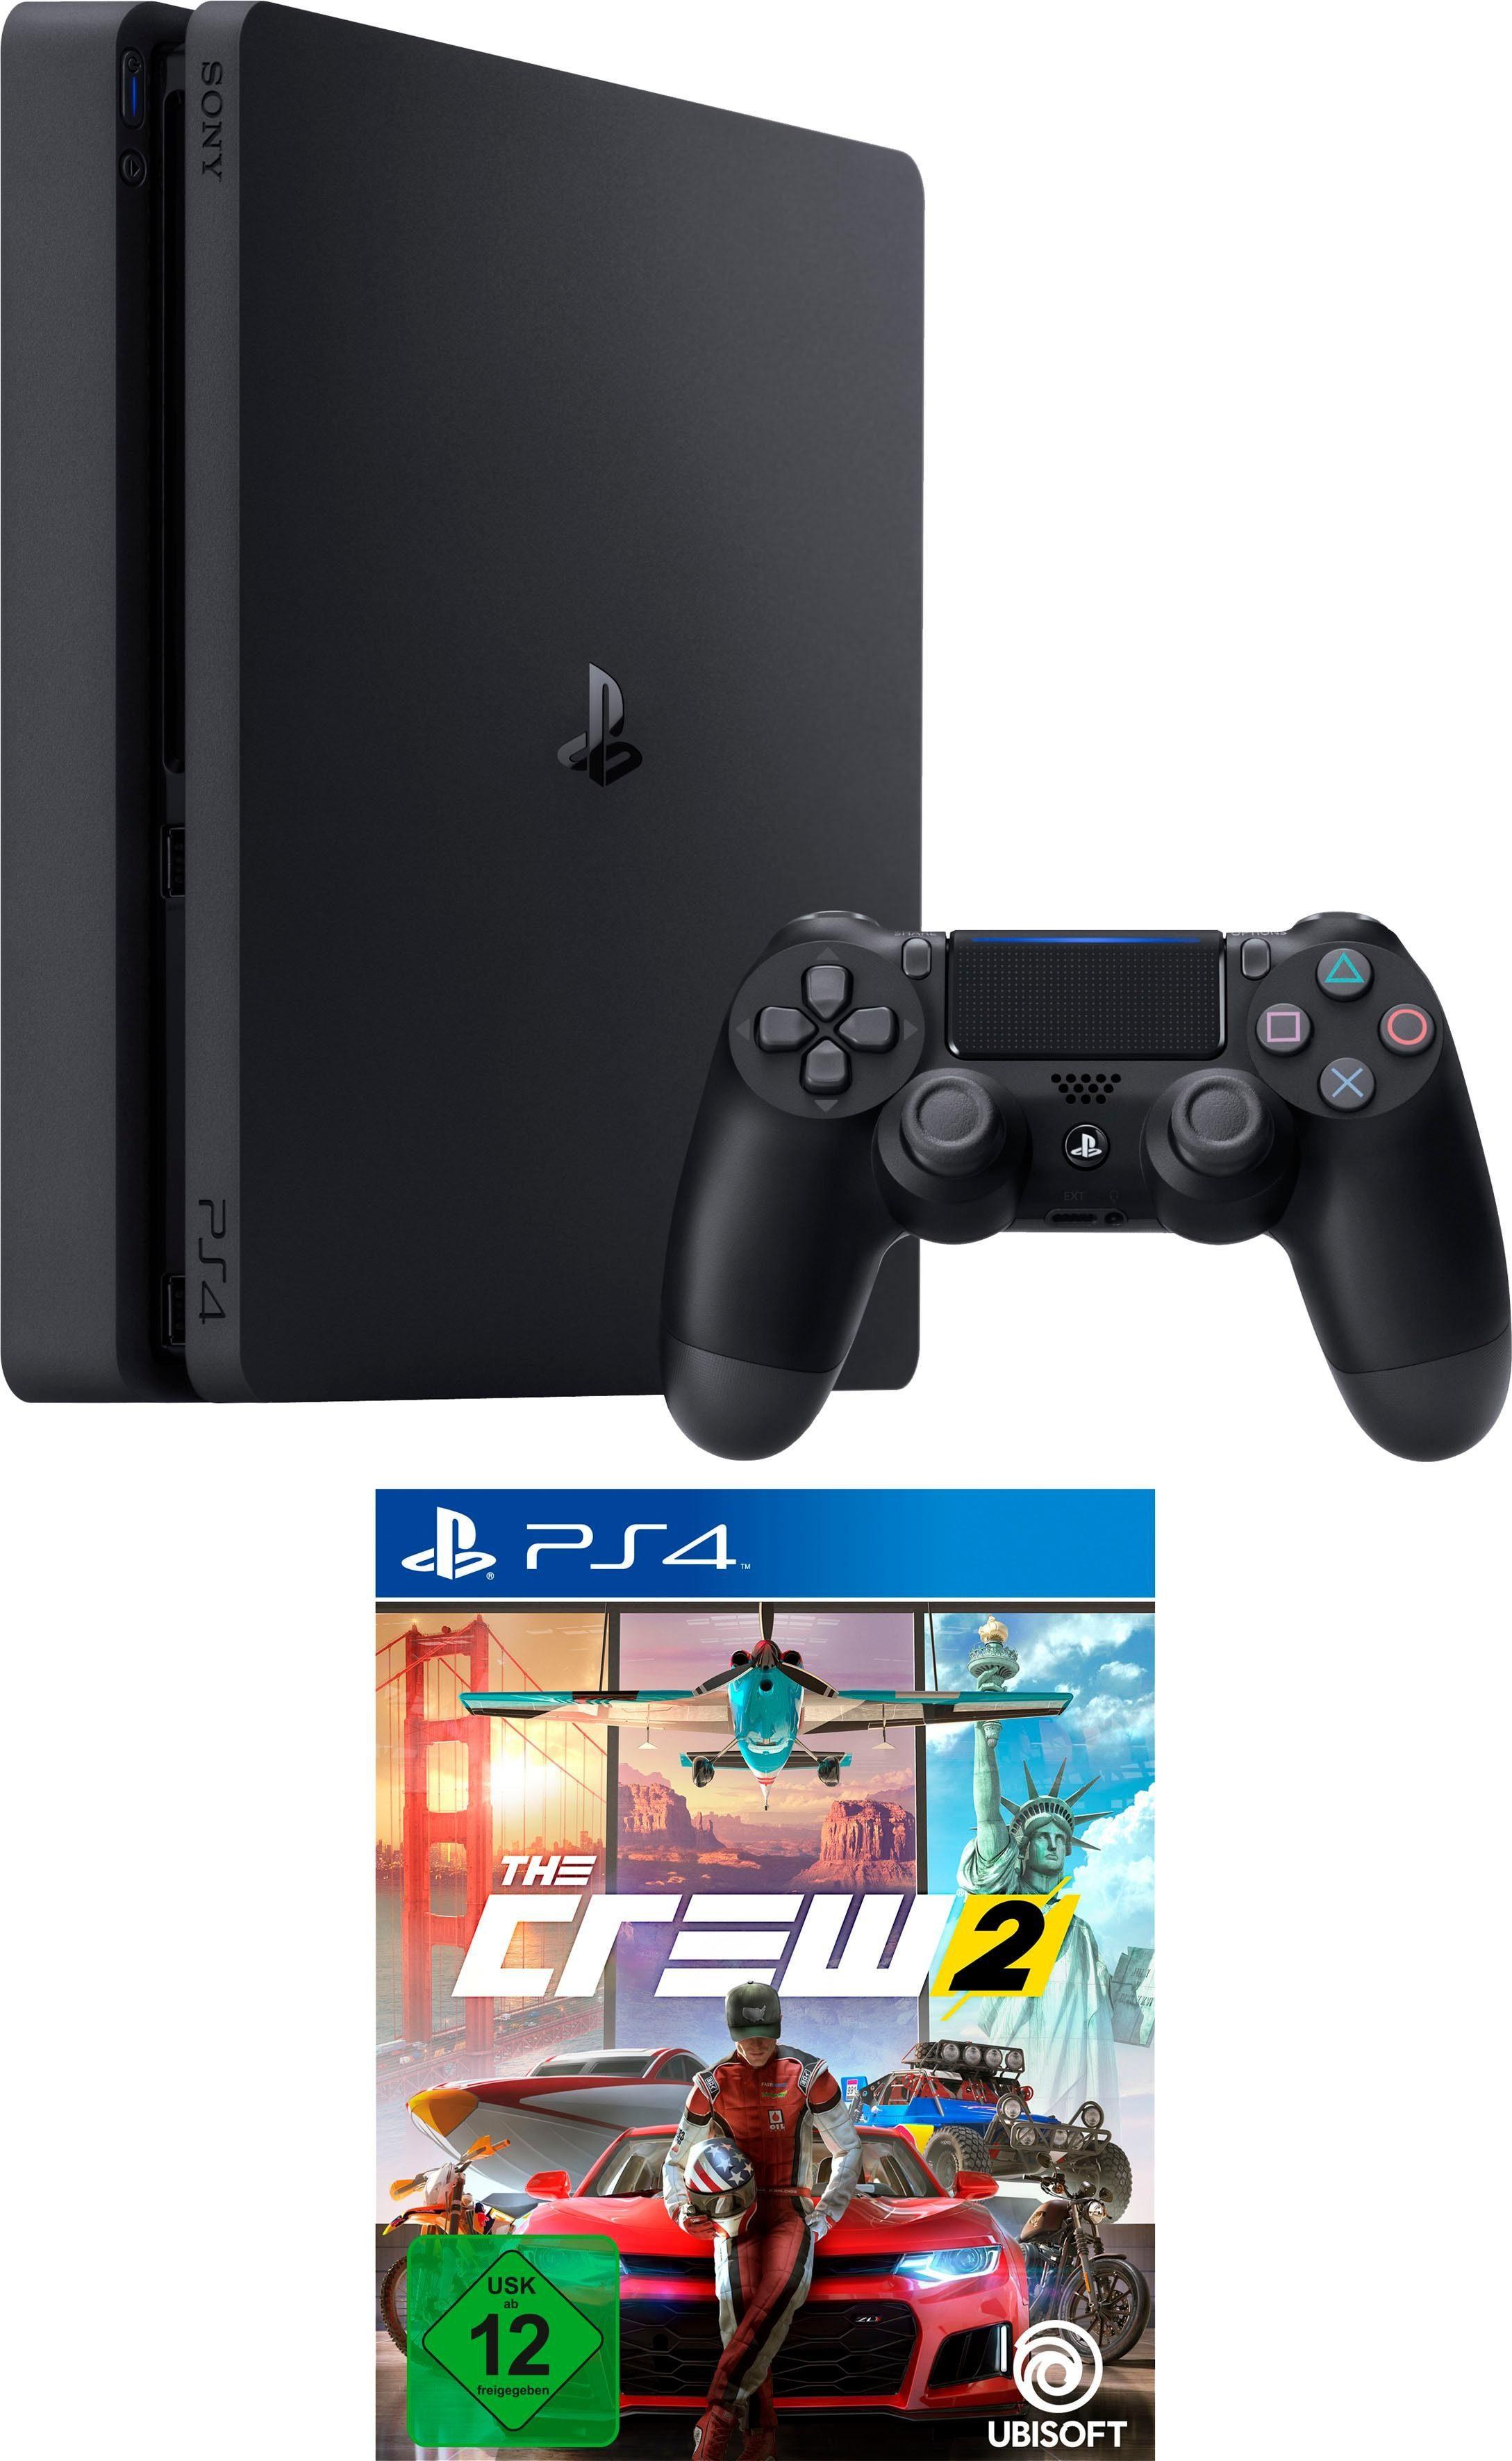 PlayStation 4 Slim (PS4 Slim) (500GB Konsolen-Bundle, inkl. The Crew 2)